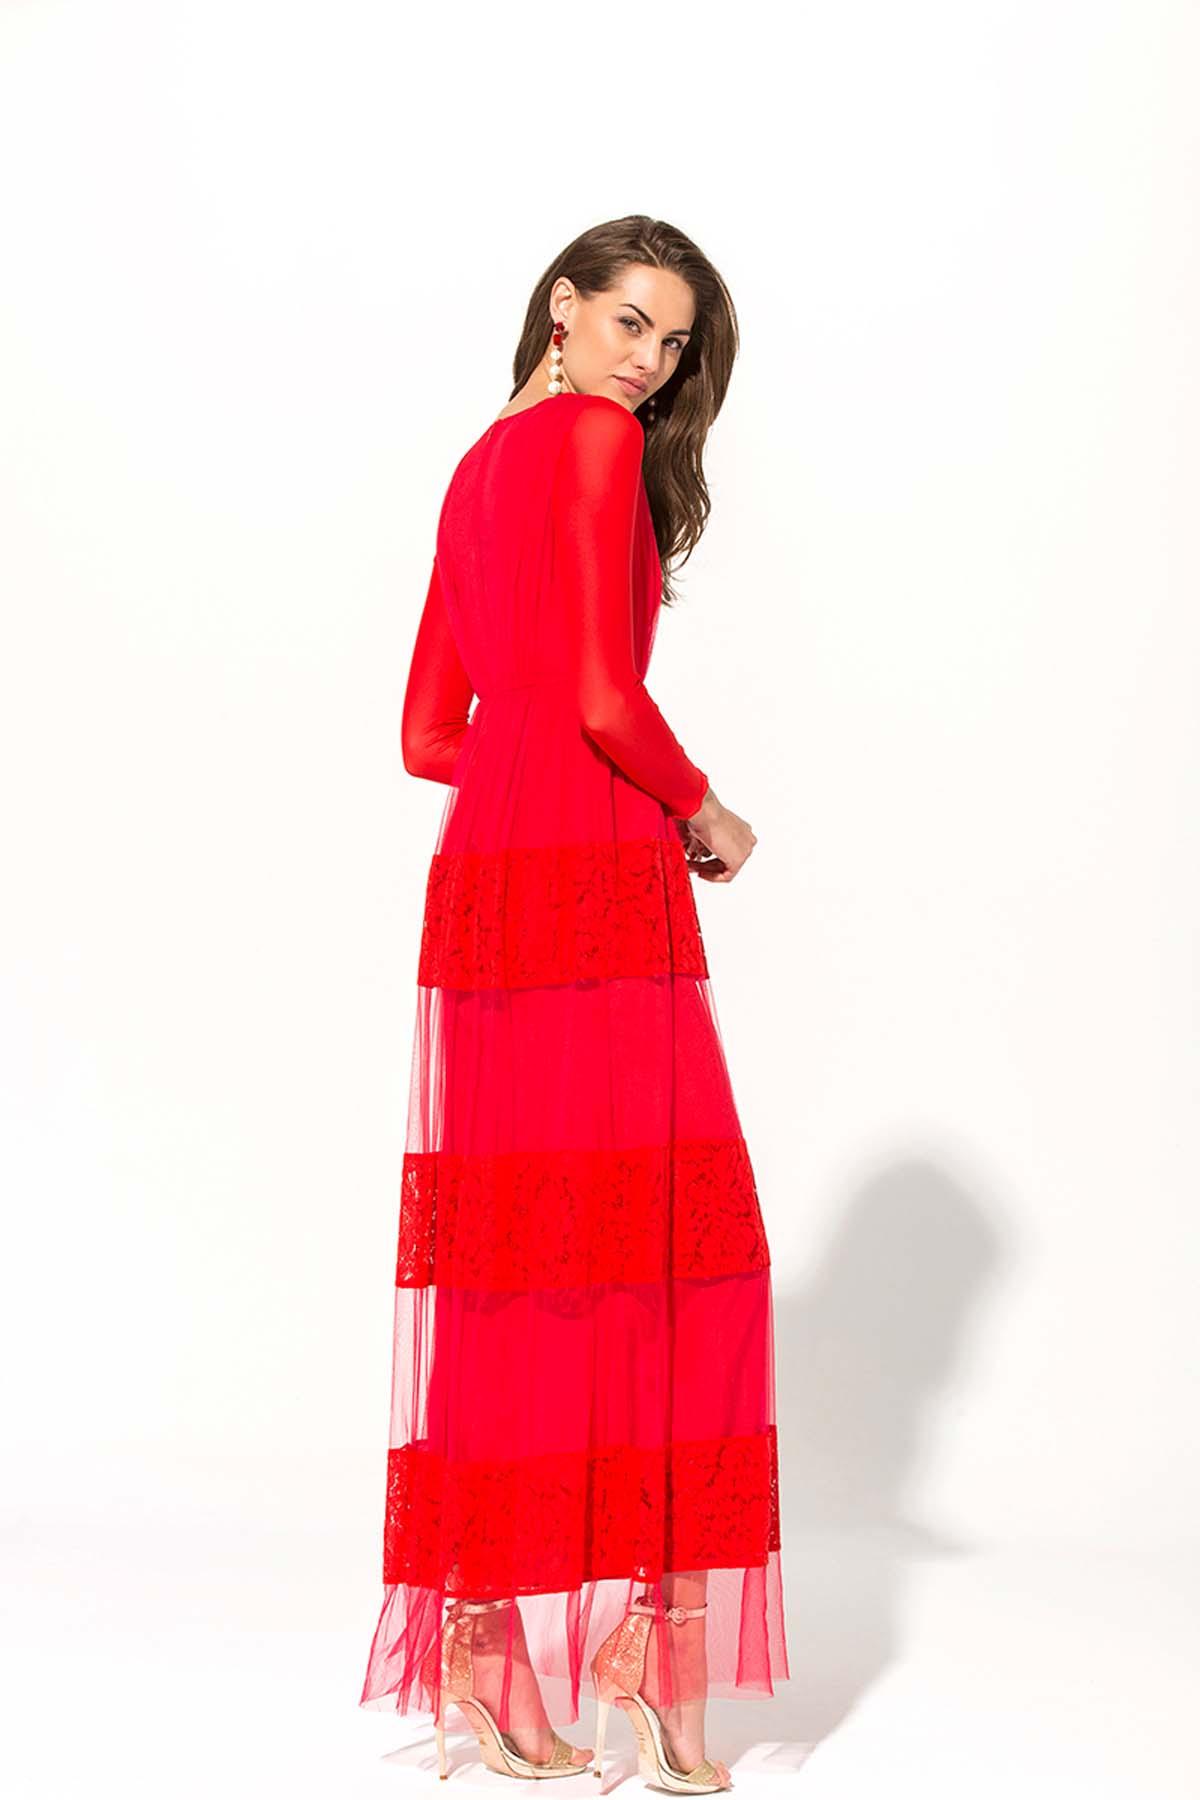 Vestido de fiesta Rubí Teria Yabar - Vestido de fiesta rubí